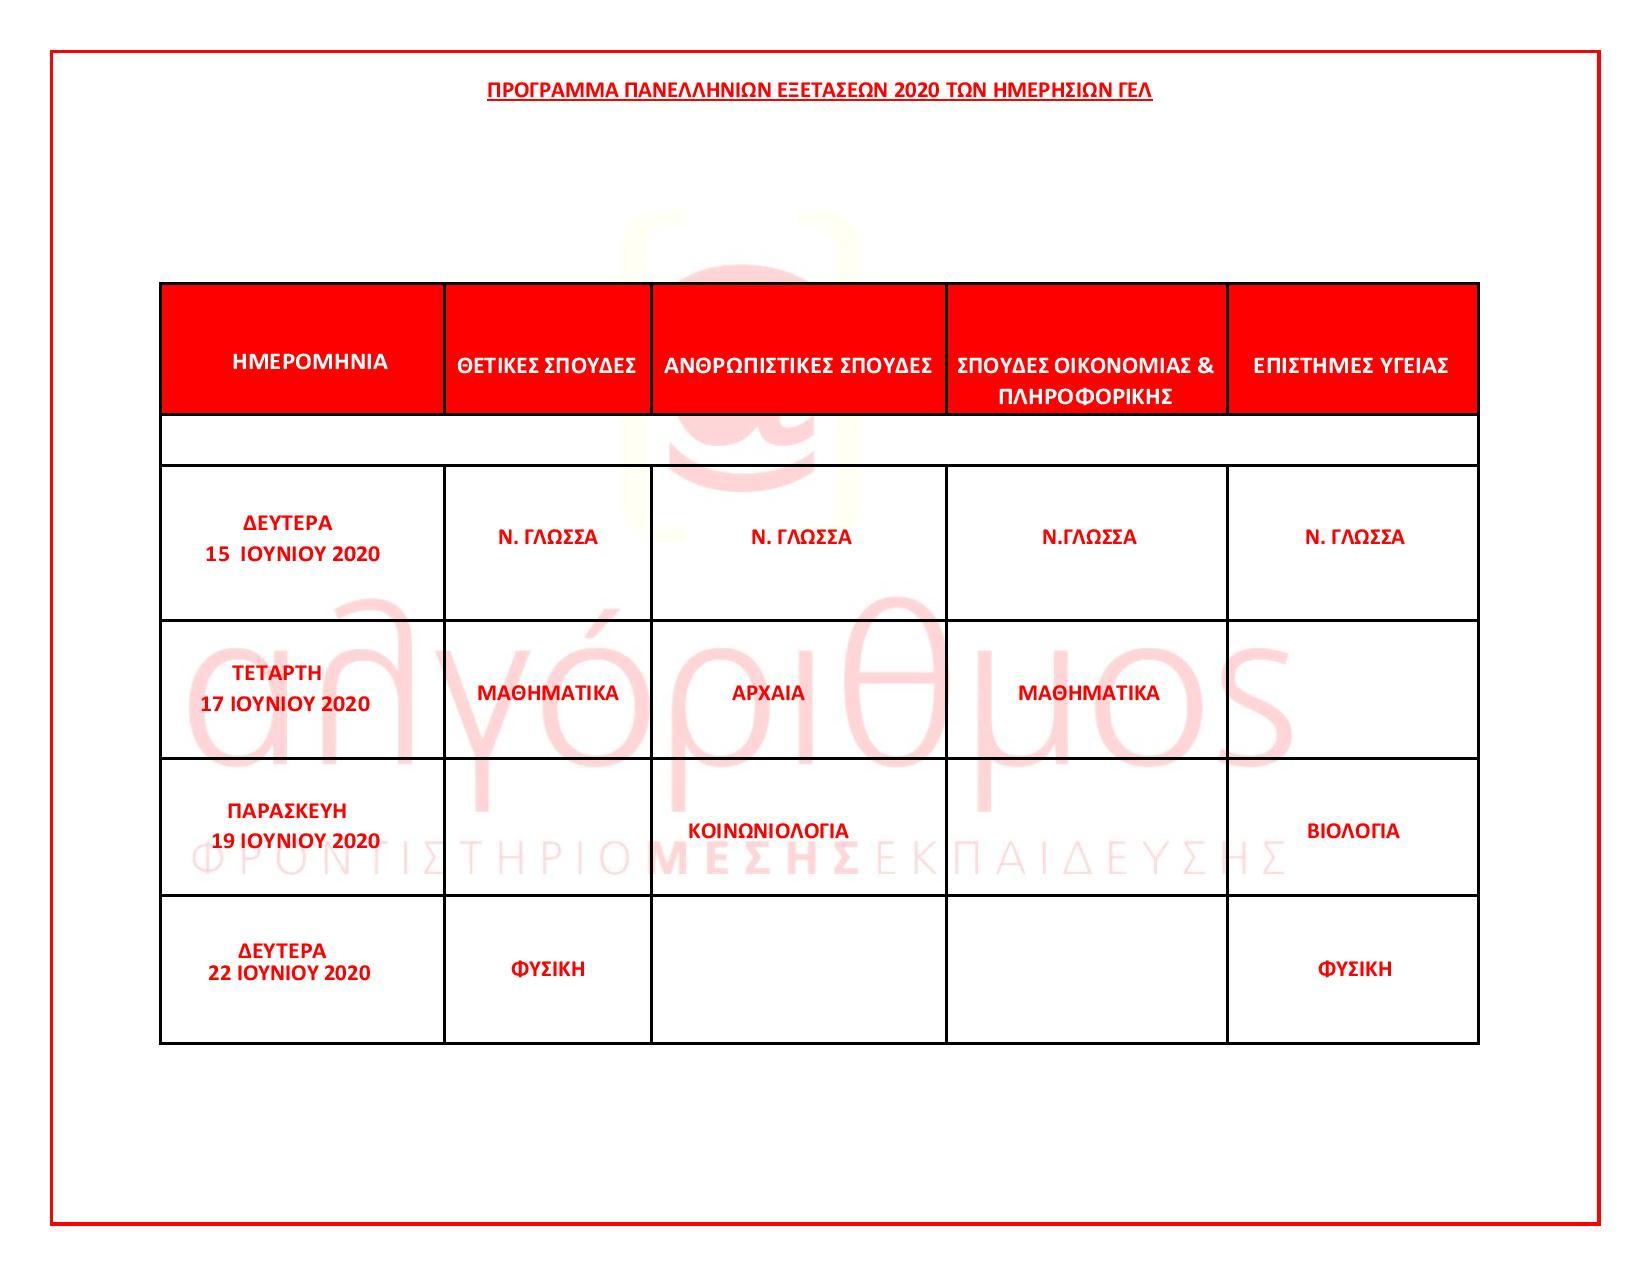 algorithmos-programma-panellinion-eksetaseon-2020